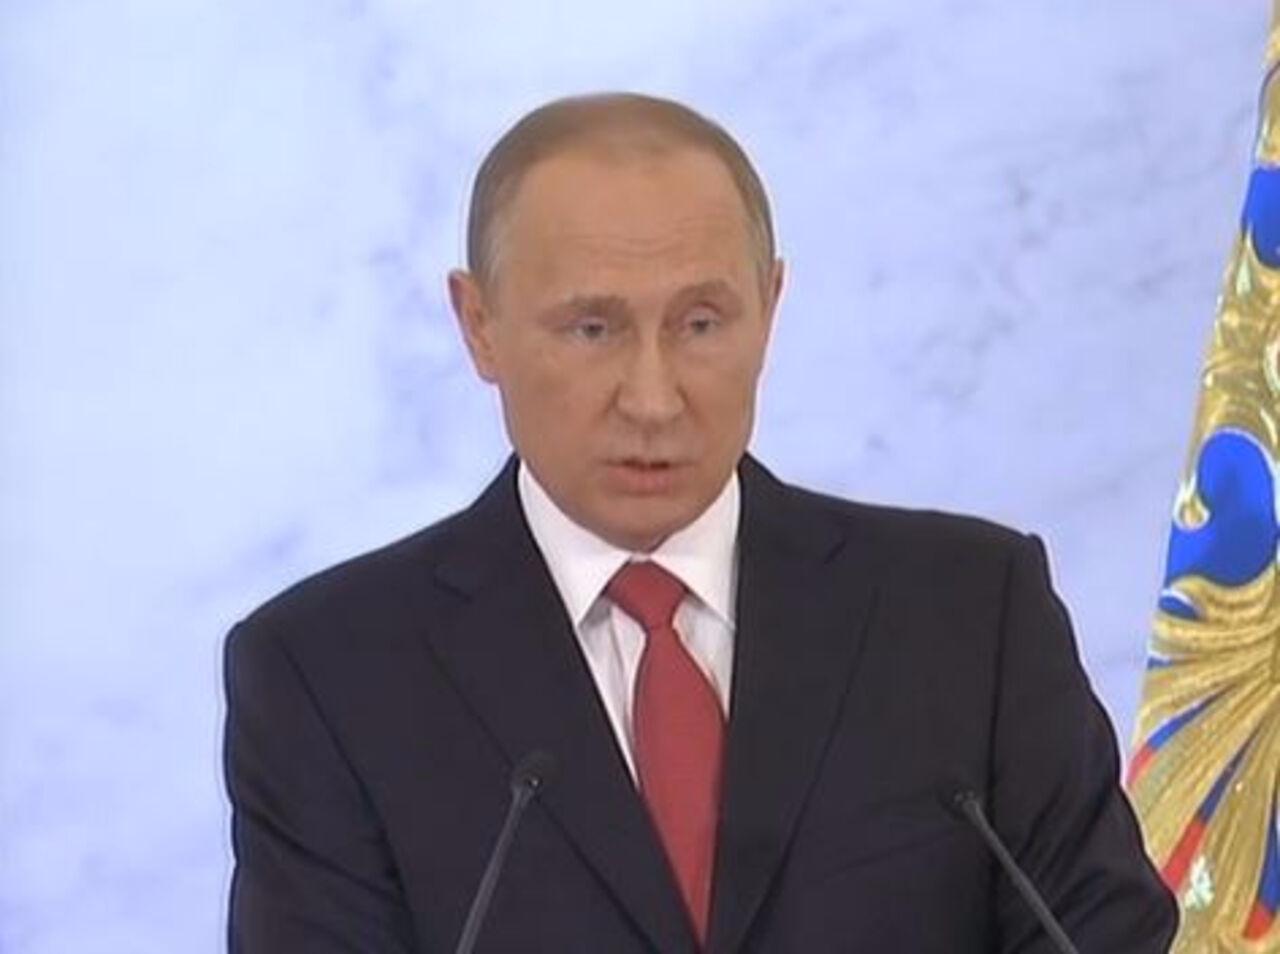 ПрезидентРФ сказал, вчём скрываются основные причины торможения экономики